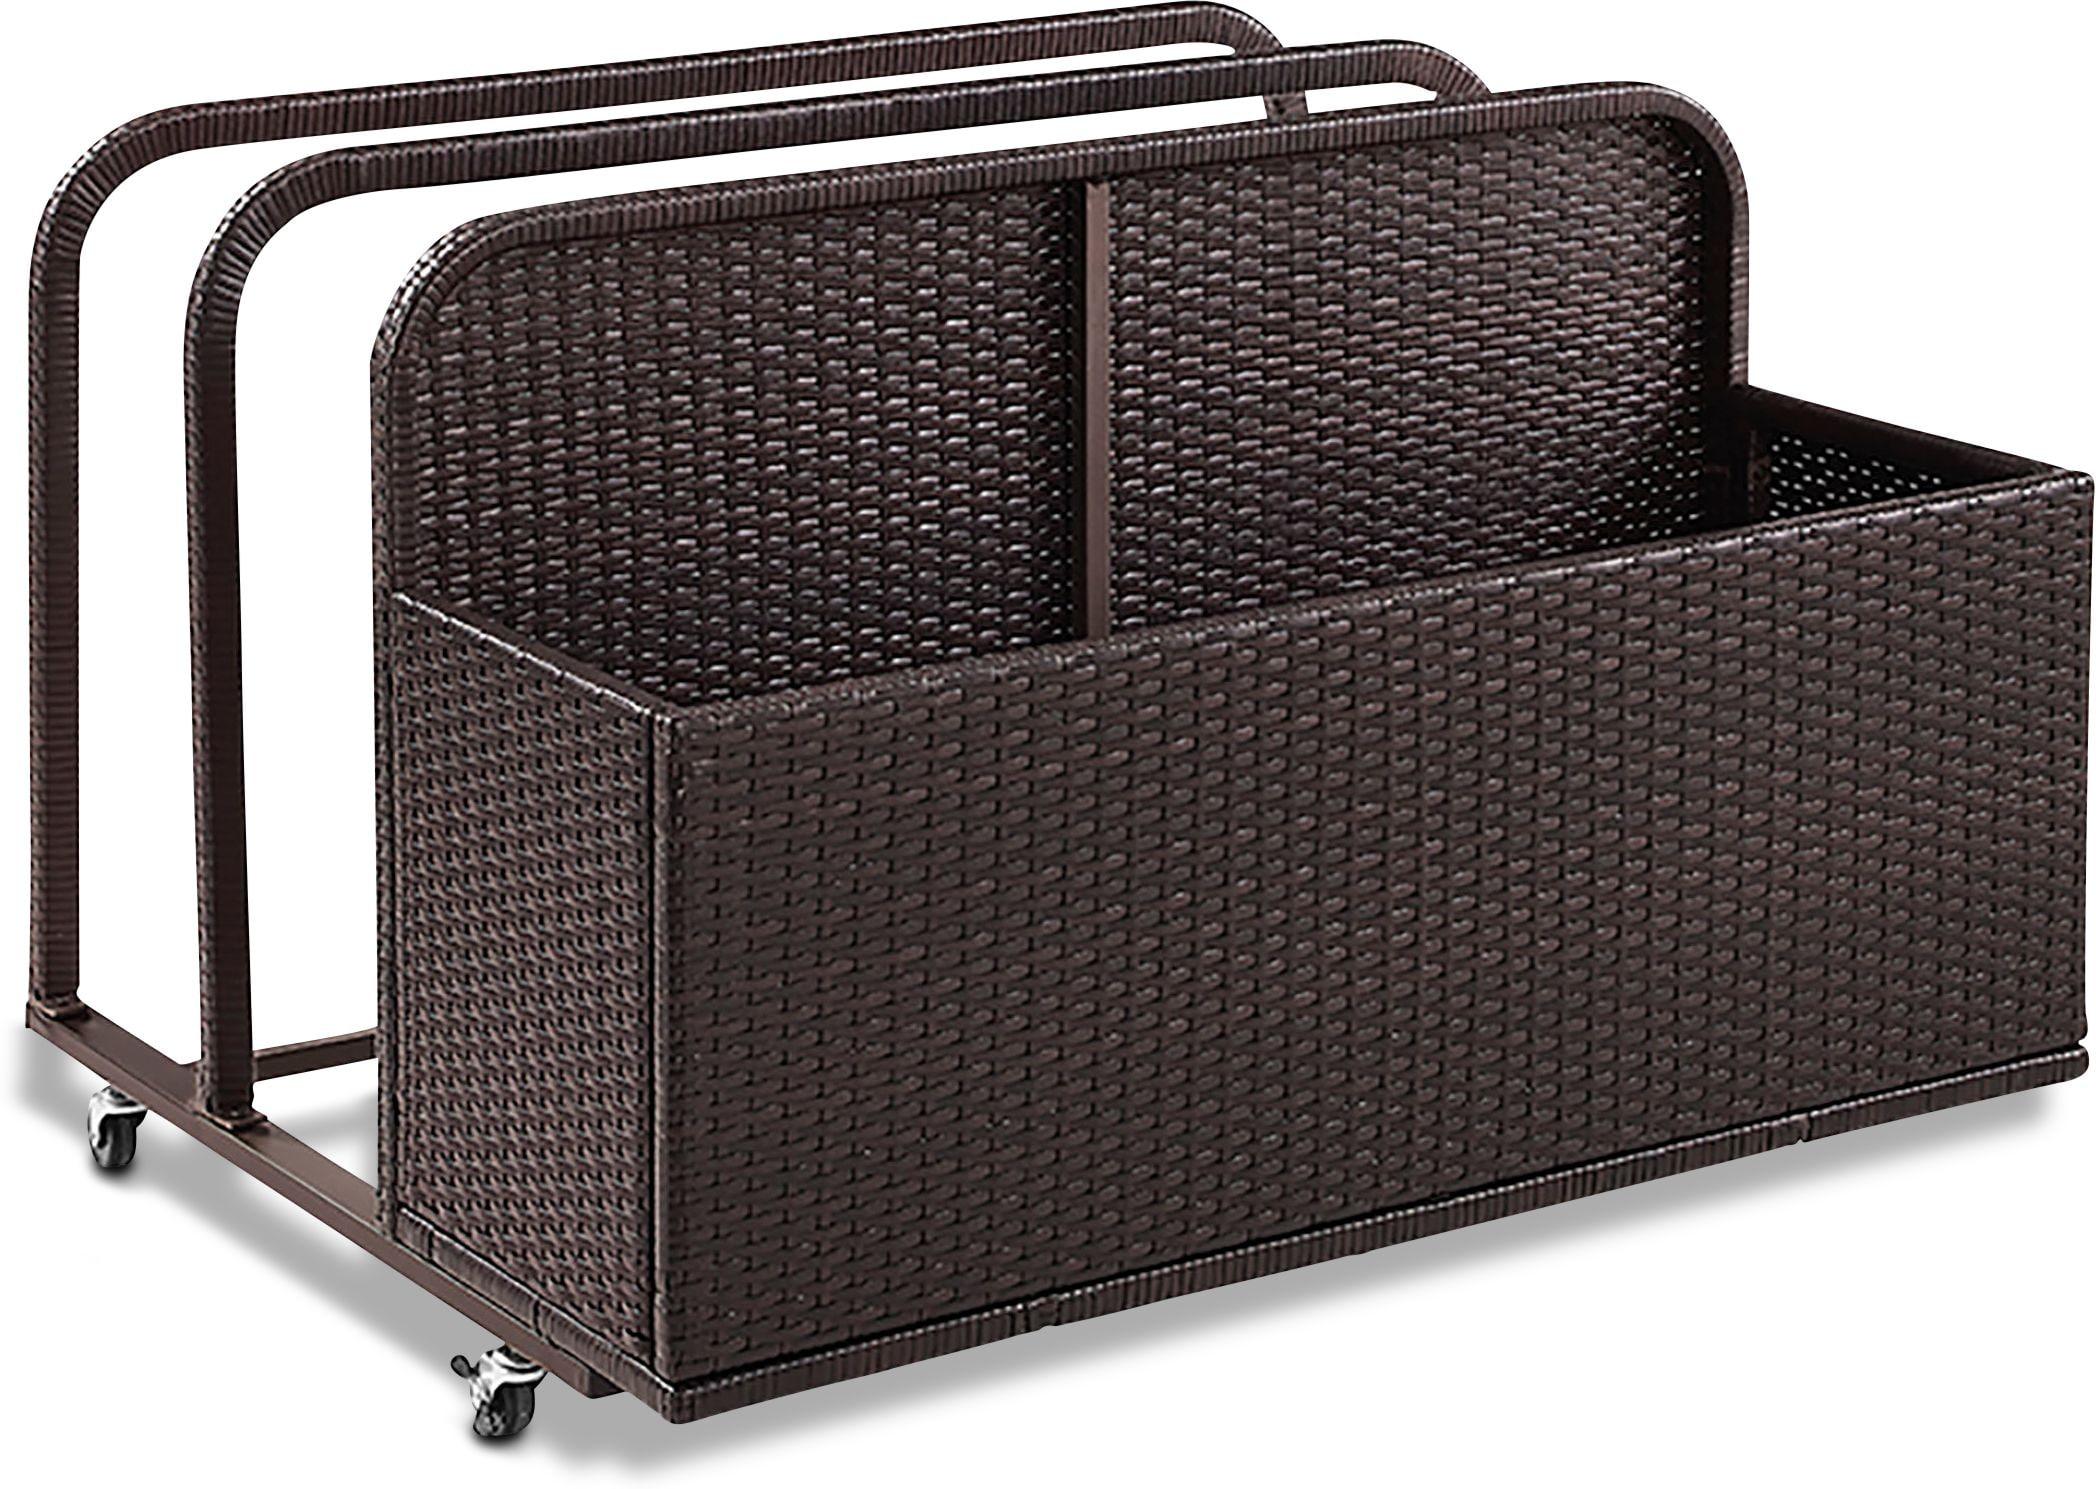 Outdoor Furniture - Aldo Outdoor Float Caddy